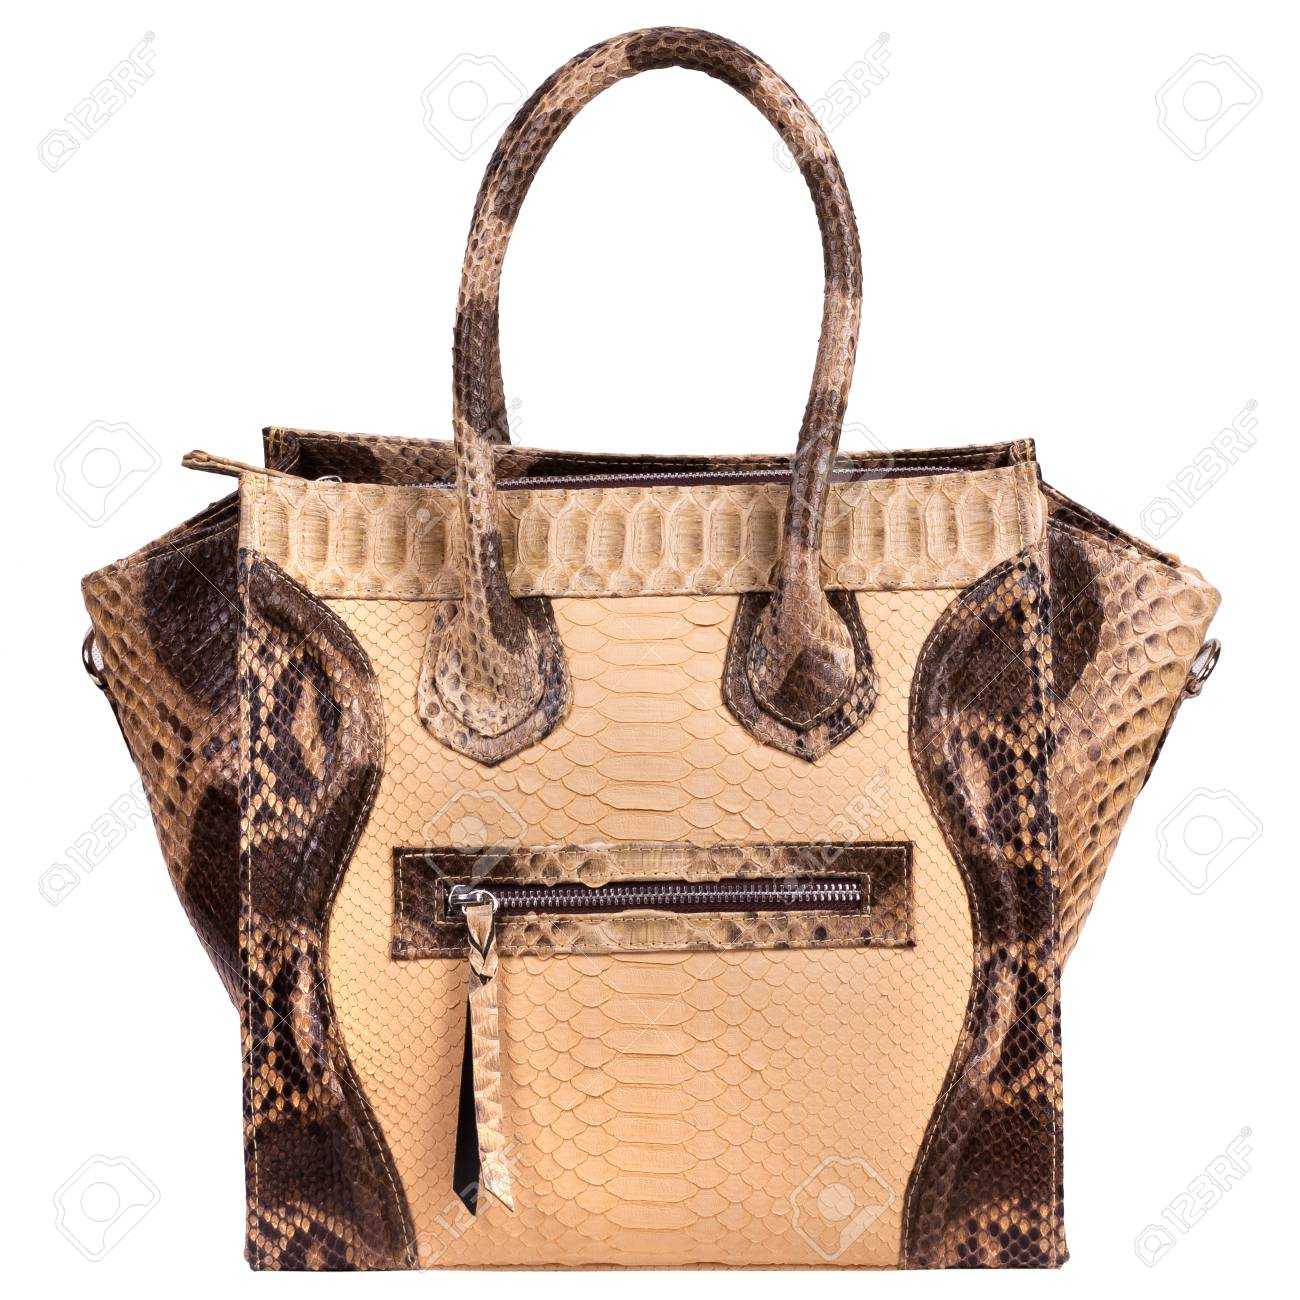 Banque d images - Snakeskin mode de luxe (python) de sac de sac à main f4daaa1cd30